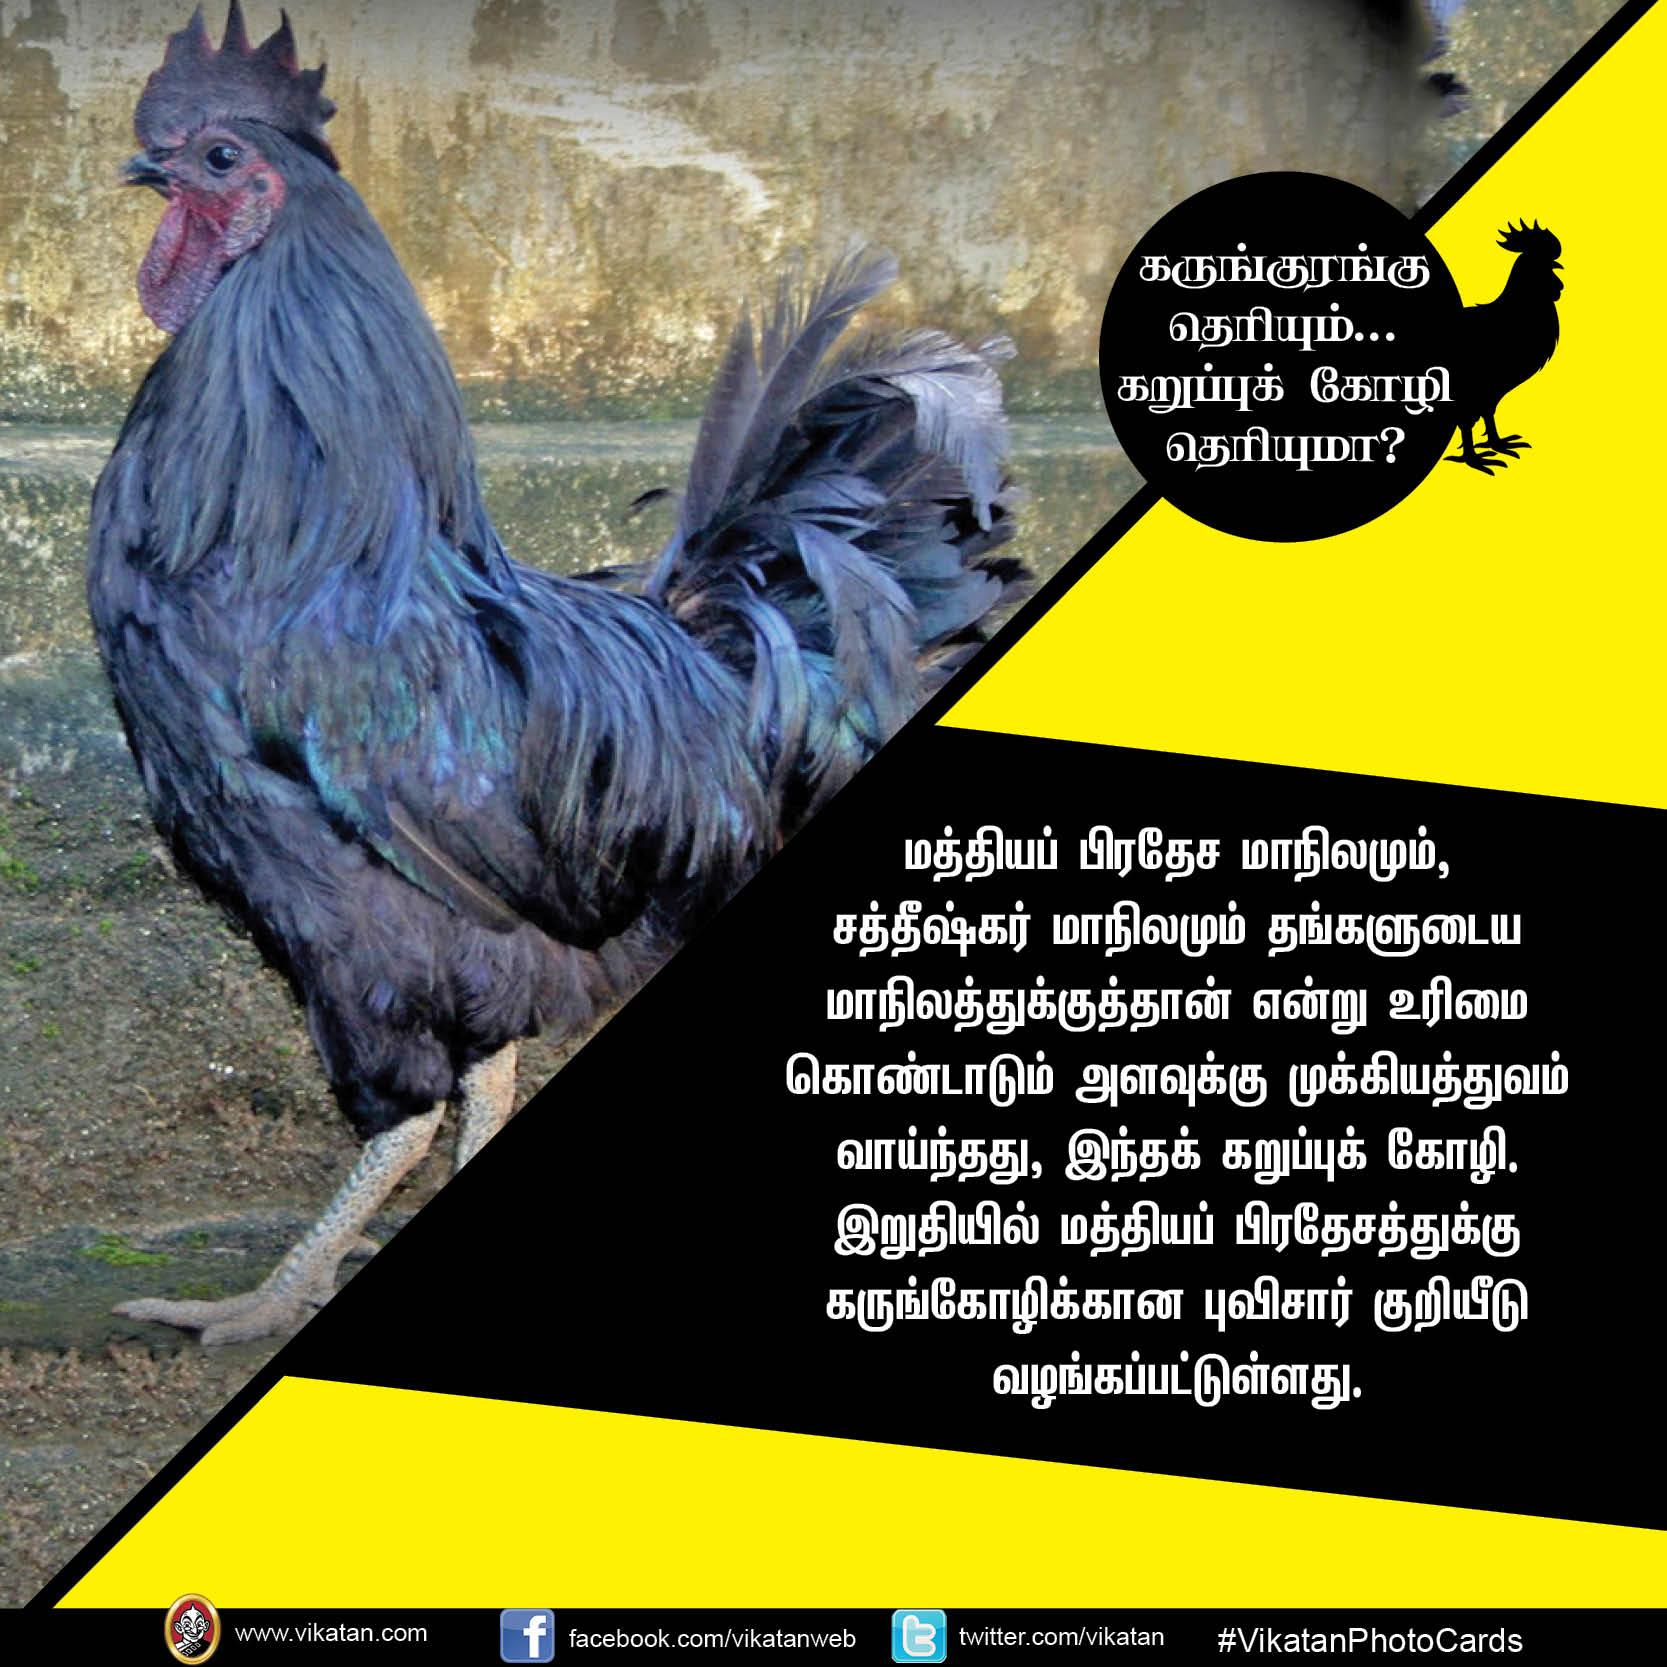 கருங்குரங்கு தெரியும்.. கறுப்புக் கோழி தெரியுமா? #VikatanPhotoCards